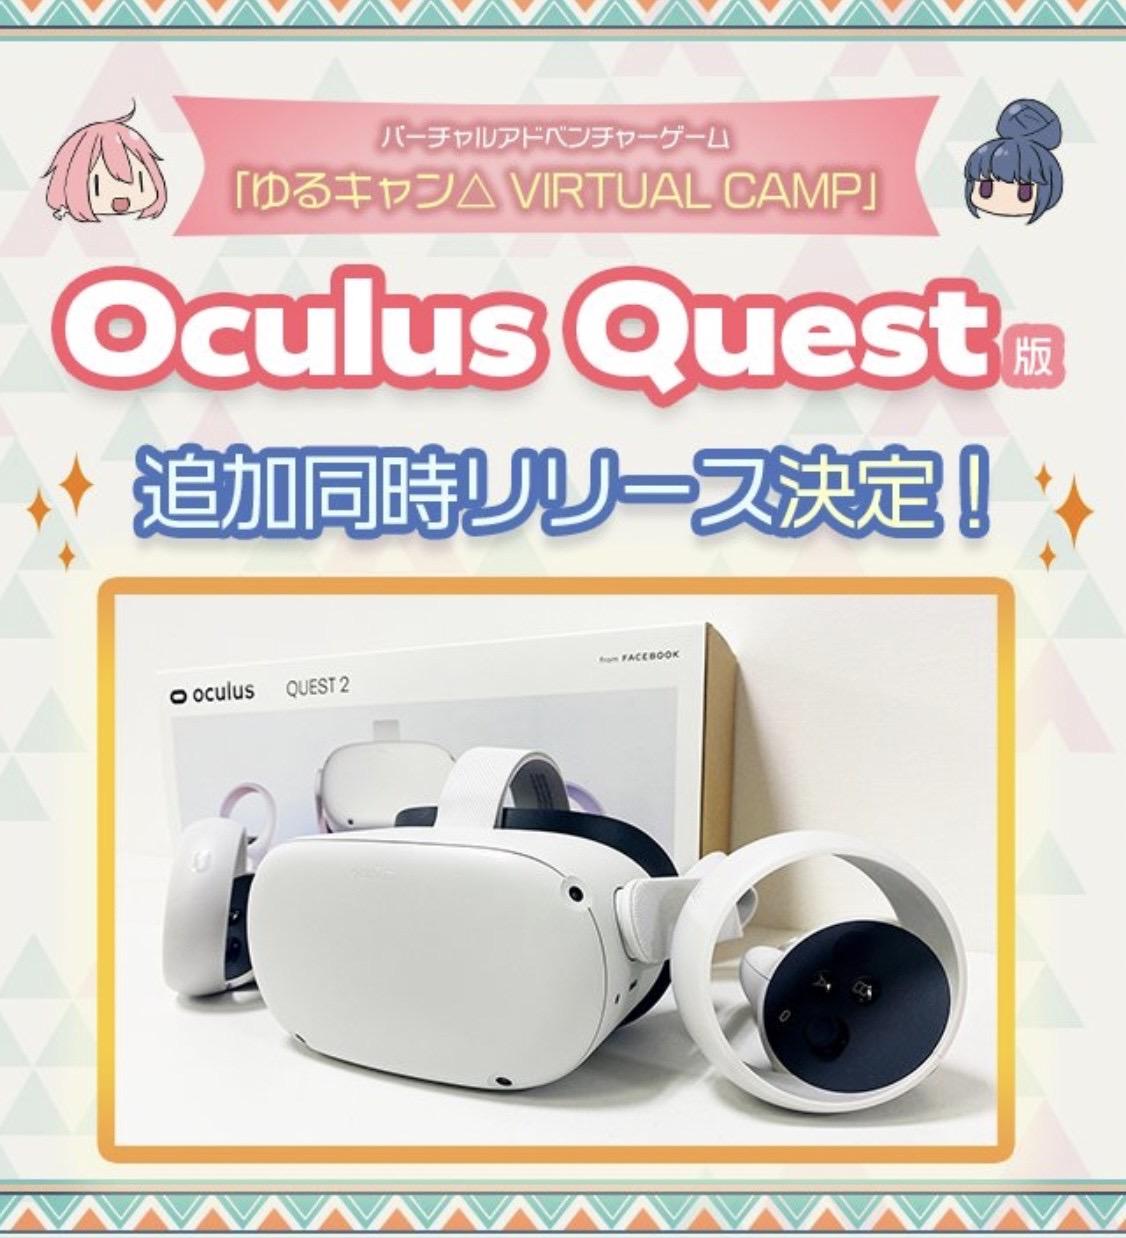 Yurucam oculus quest 202102